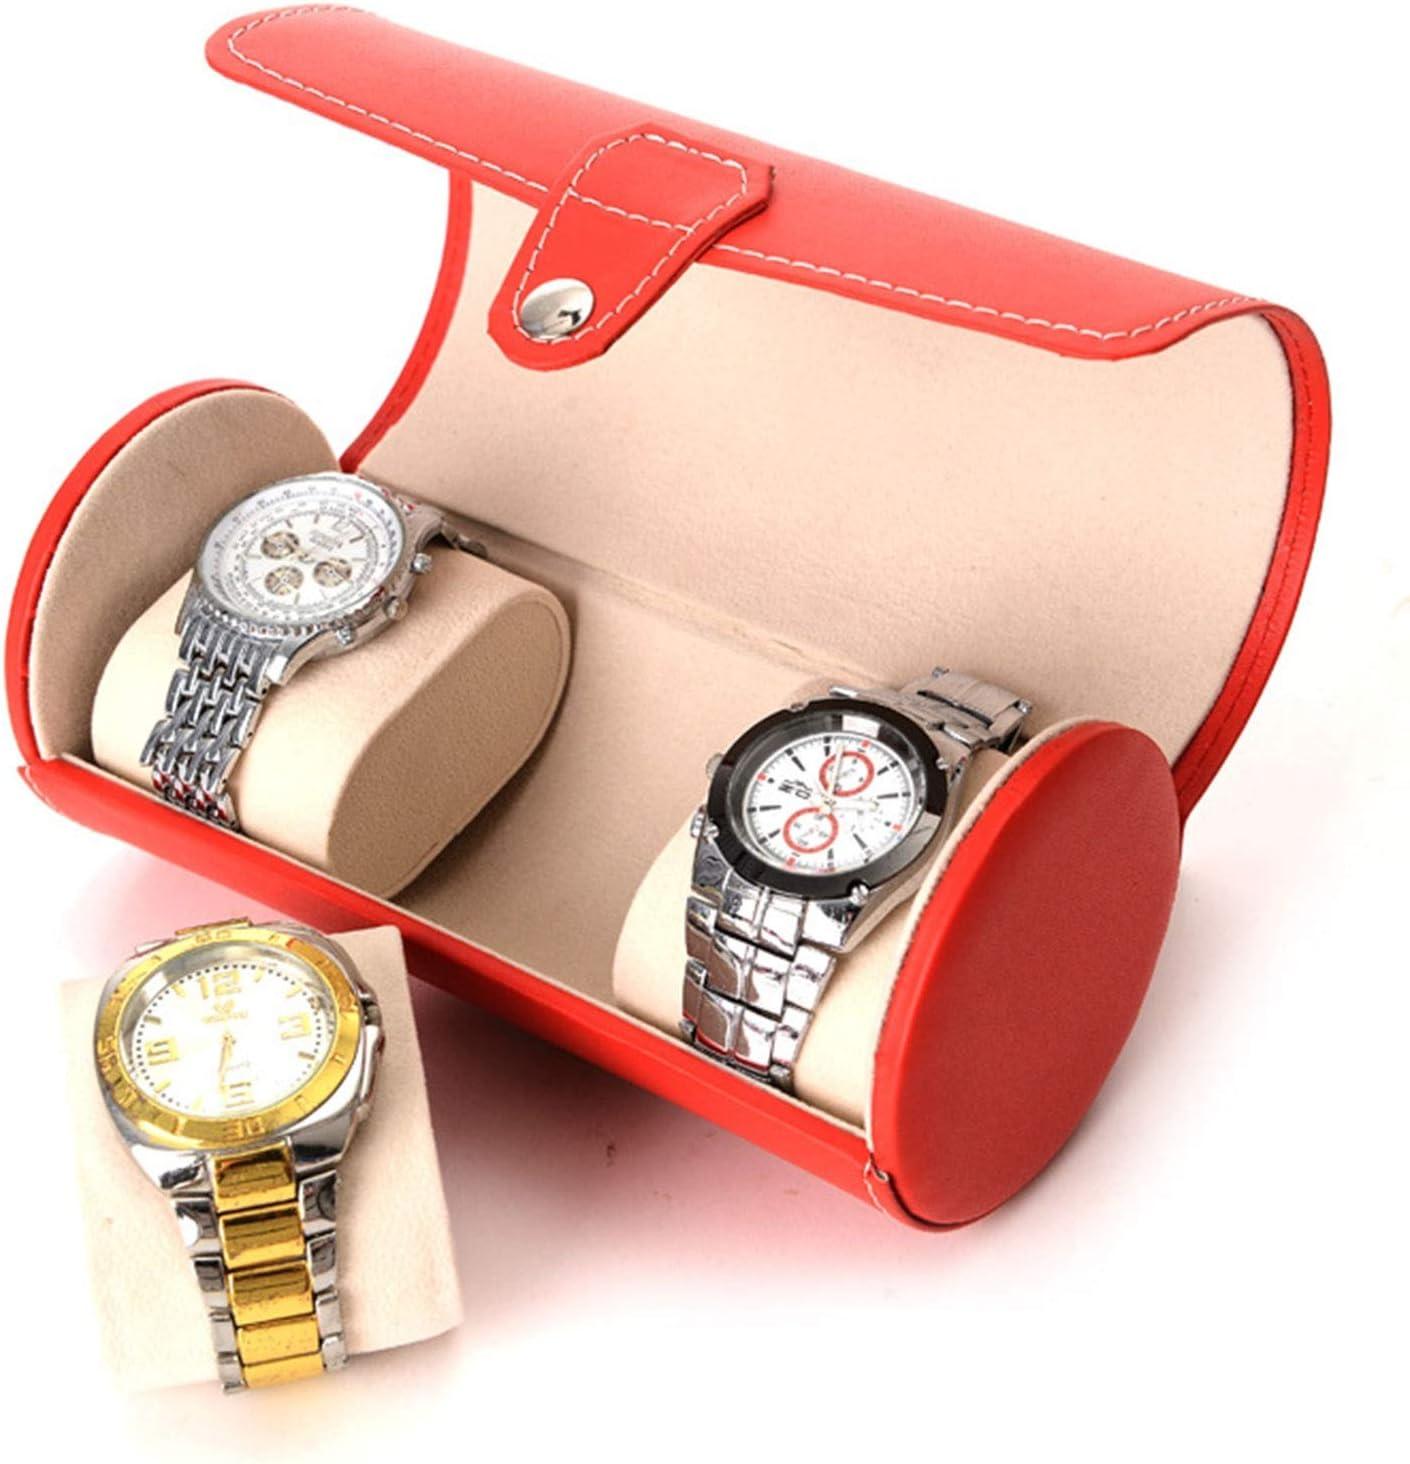 YC-Caja de Regalo Naranja 3 dígitos Reloj de Reloj cilíndrico Caja de Calidad PU Reloj de relojería de relojería